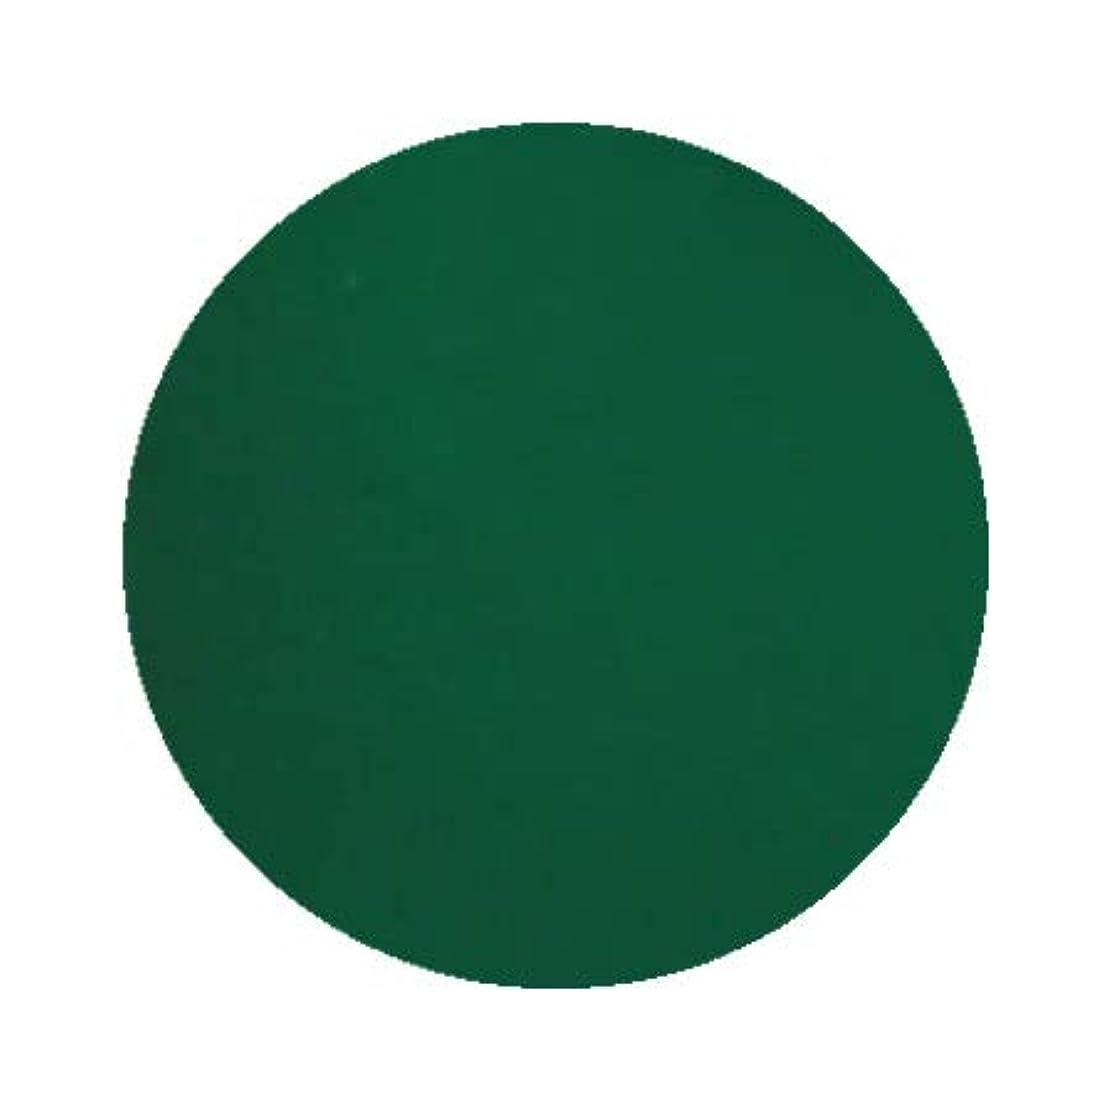 不均一半球刺激するInity アイニティ ハイエンドカラー GR-01M グリーン 3g